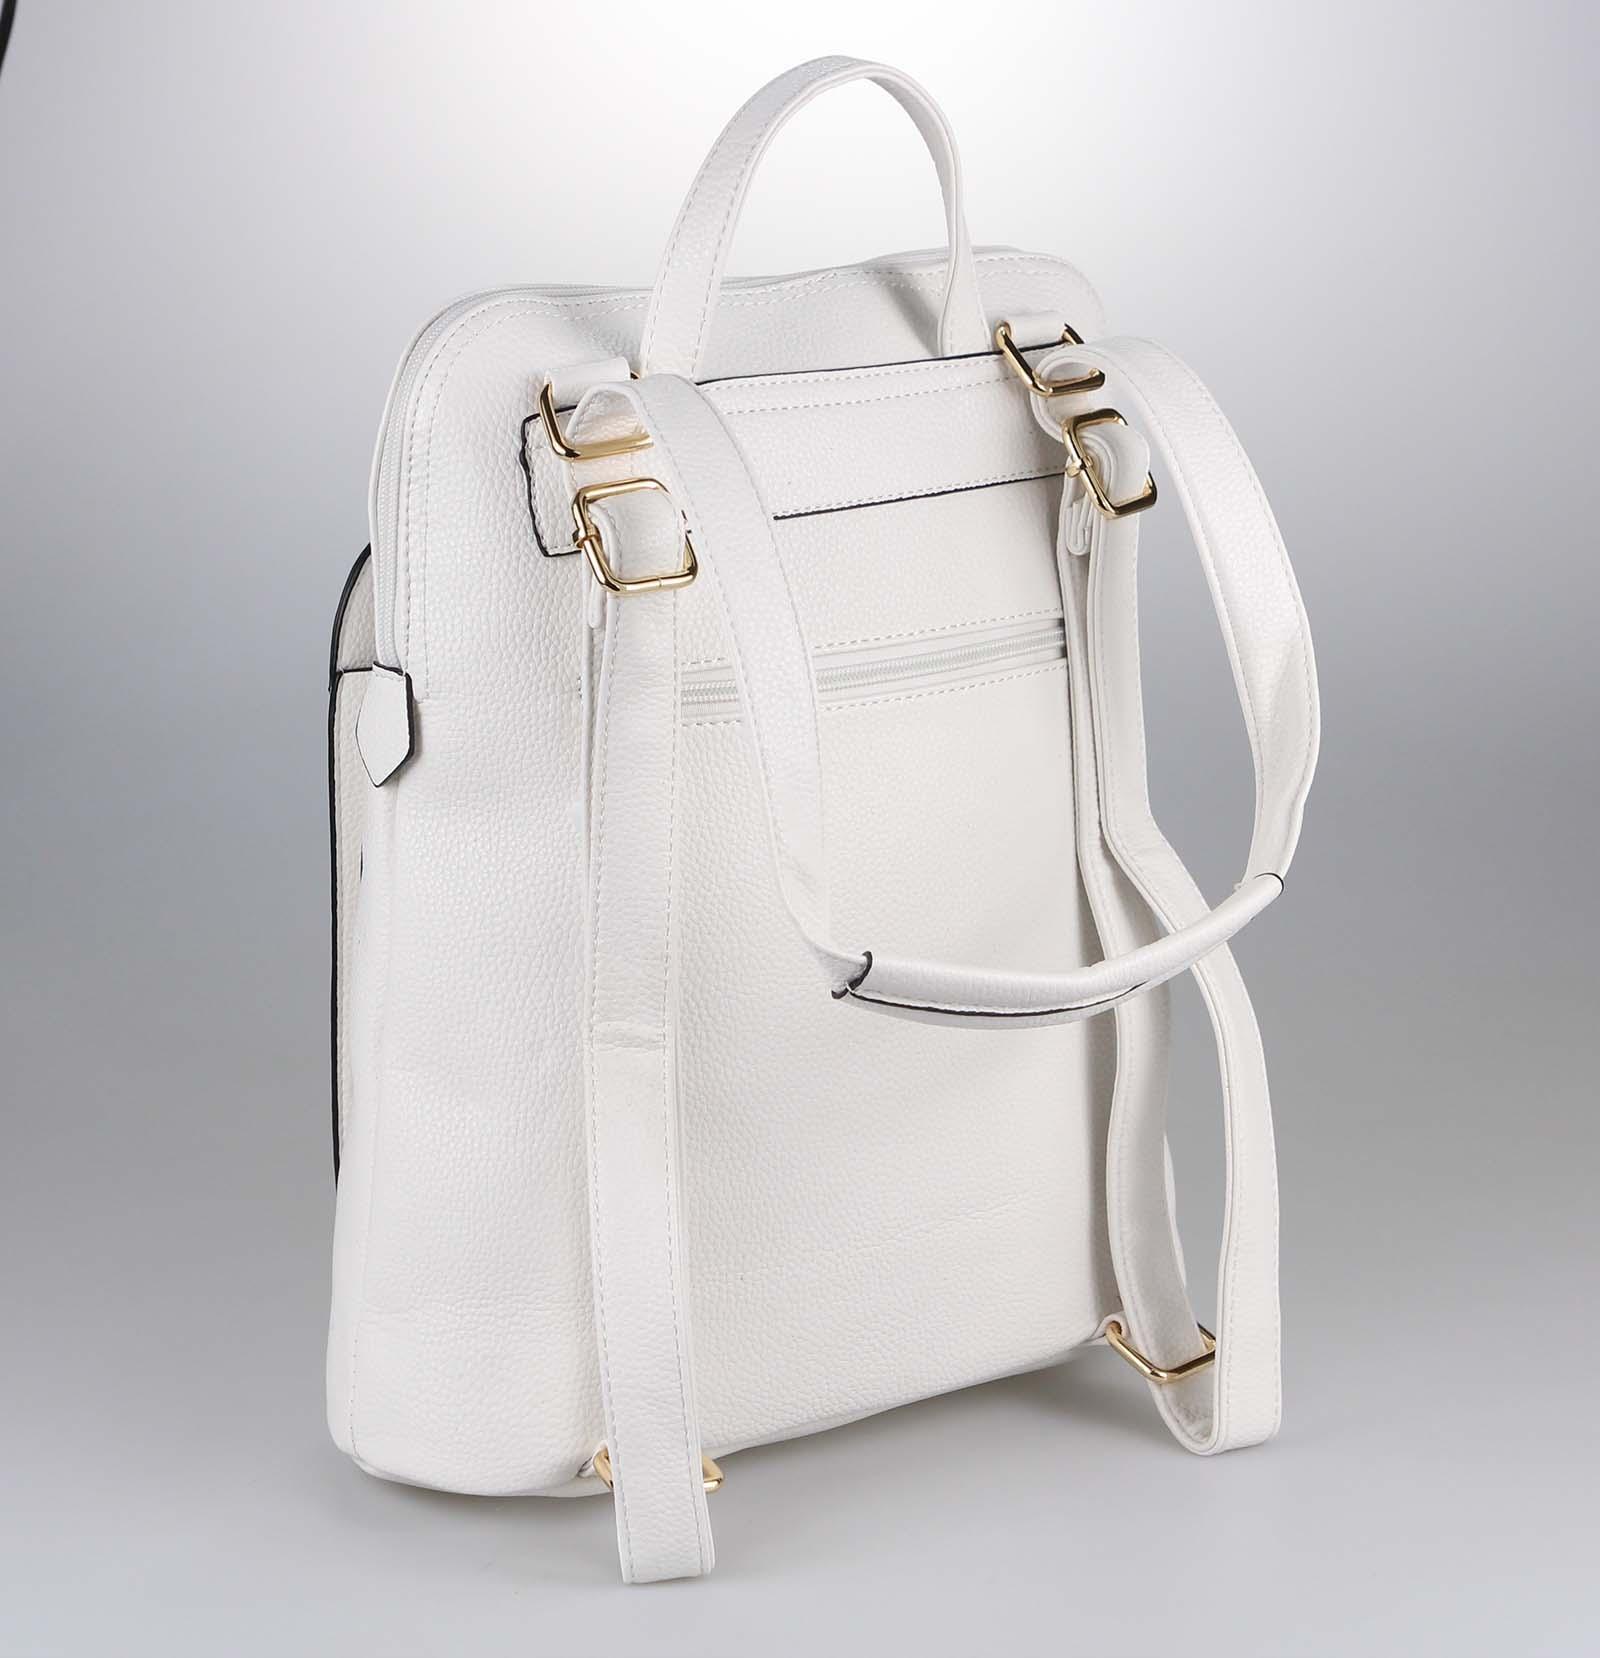 Damen Rucksack Leder Damentasche Handtasche Schultertasche Optik Reise Urlaub